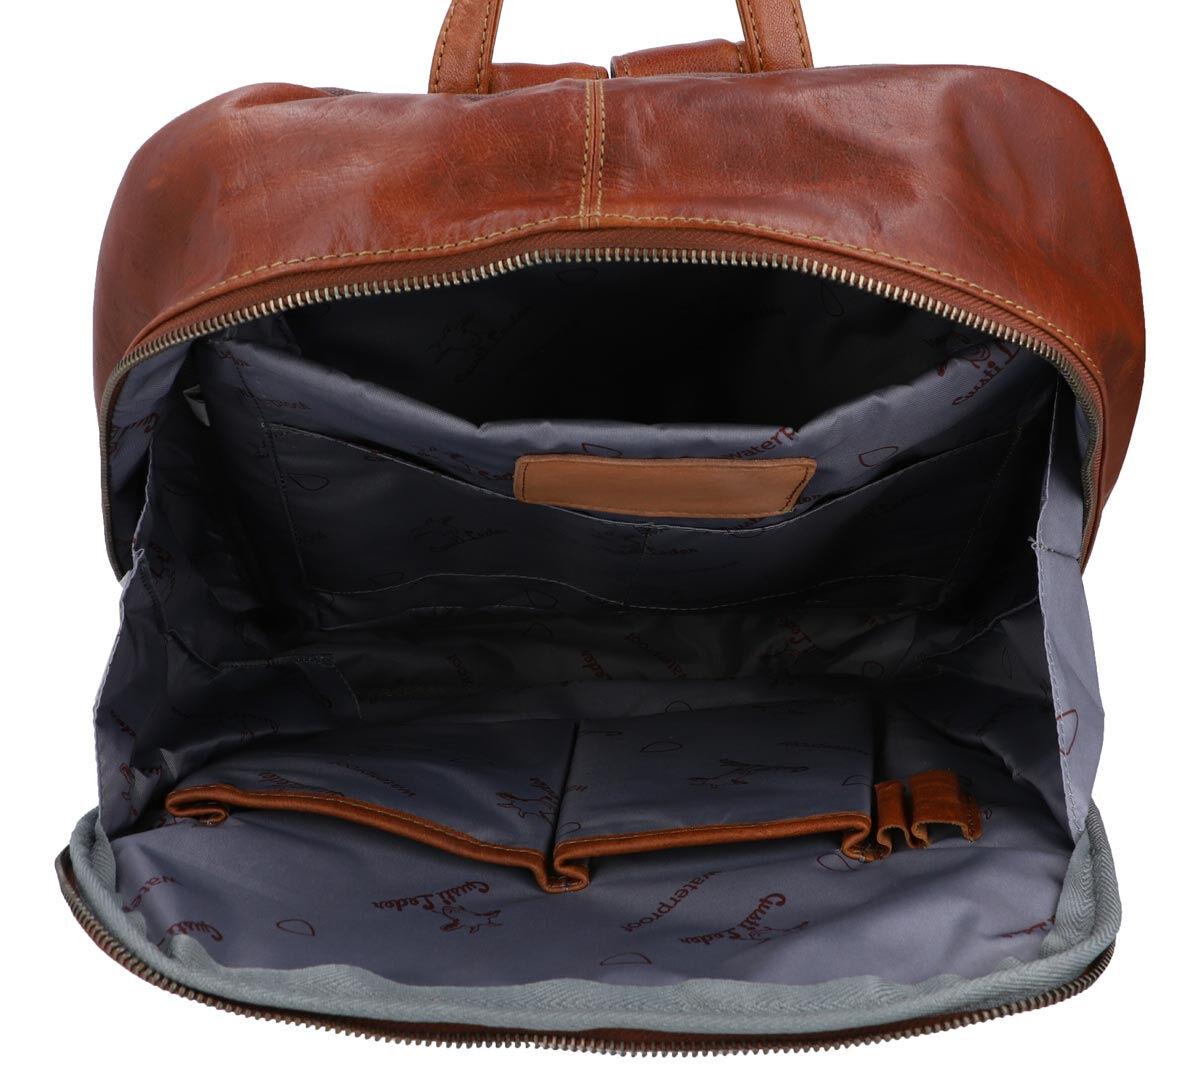 Outlet Rucksack – kleinere Lederfehler - eines defekten Reißverschlusses - Kugelschreiberspuren auf